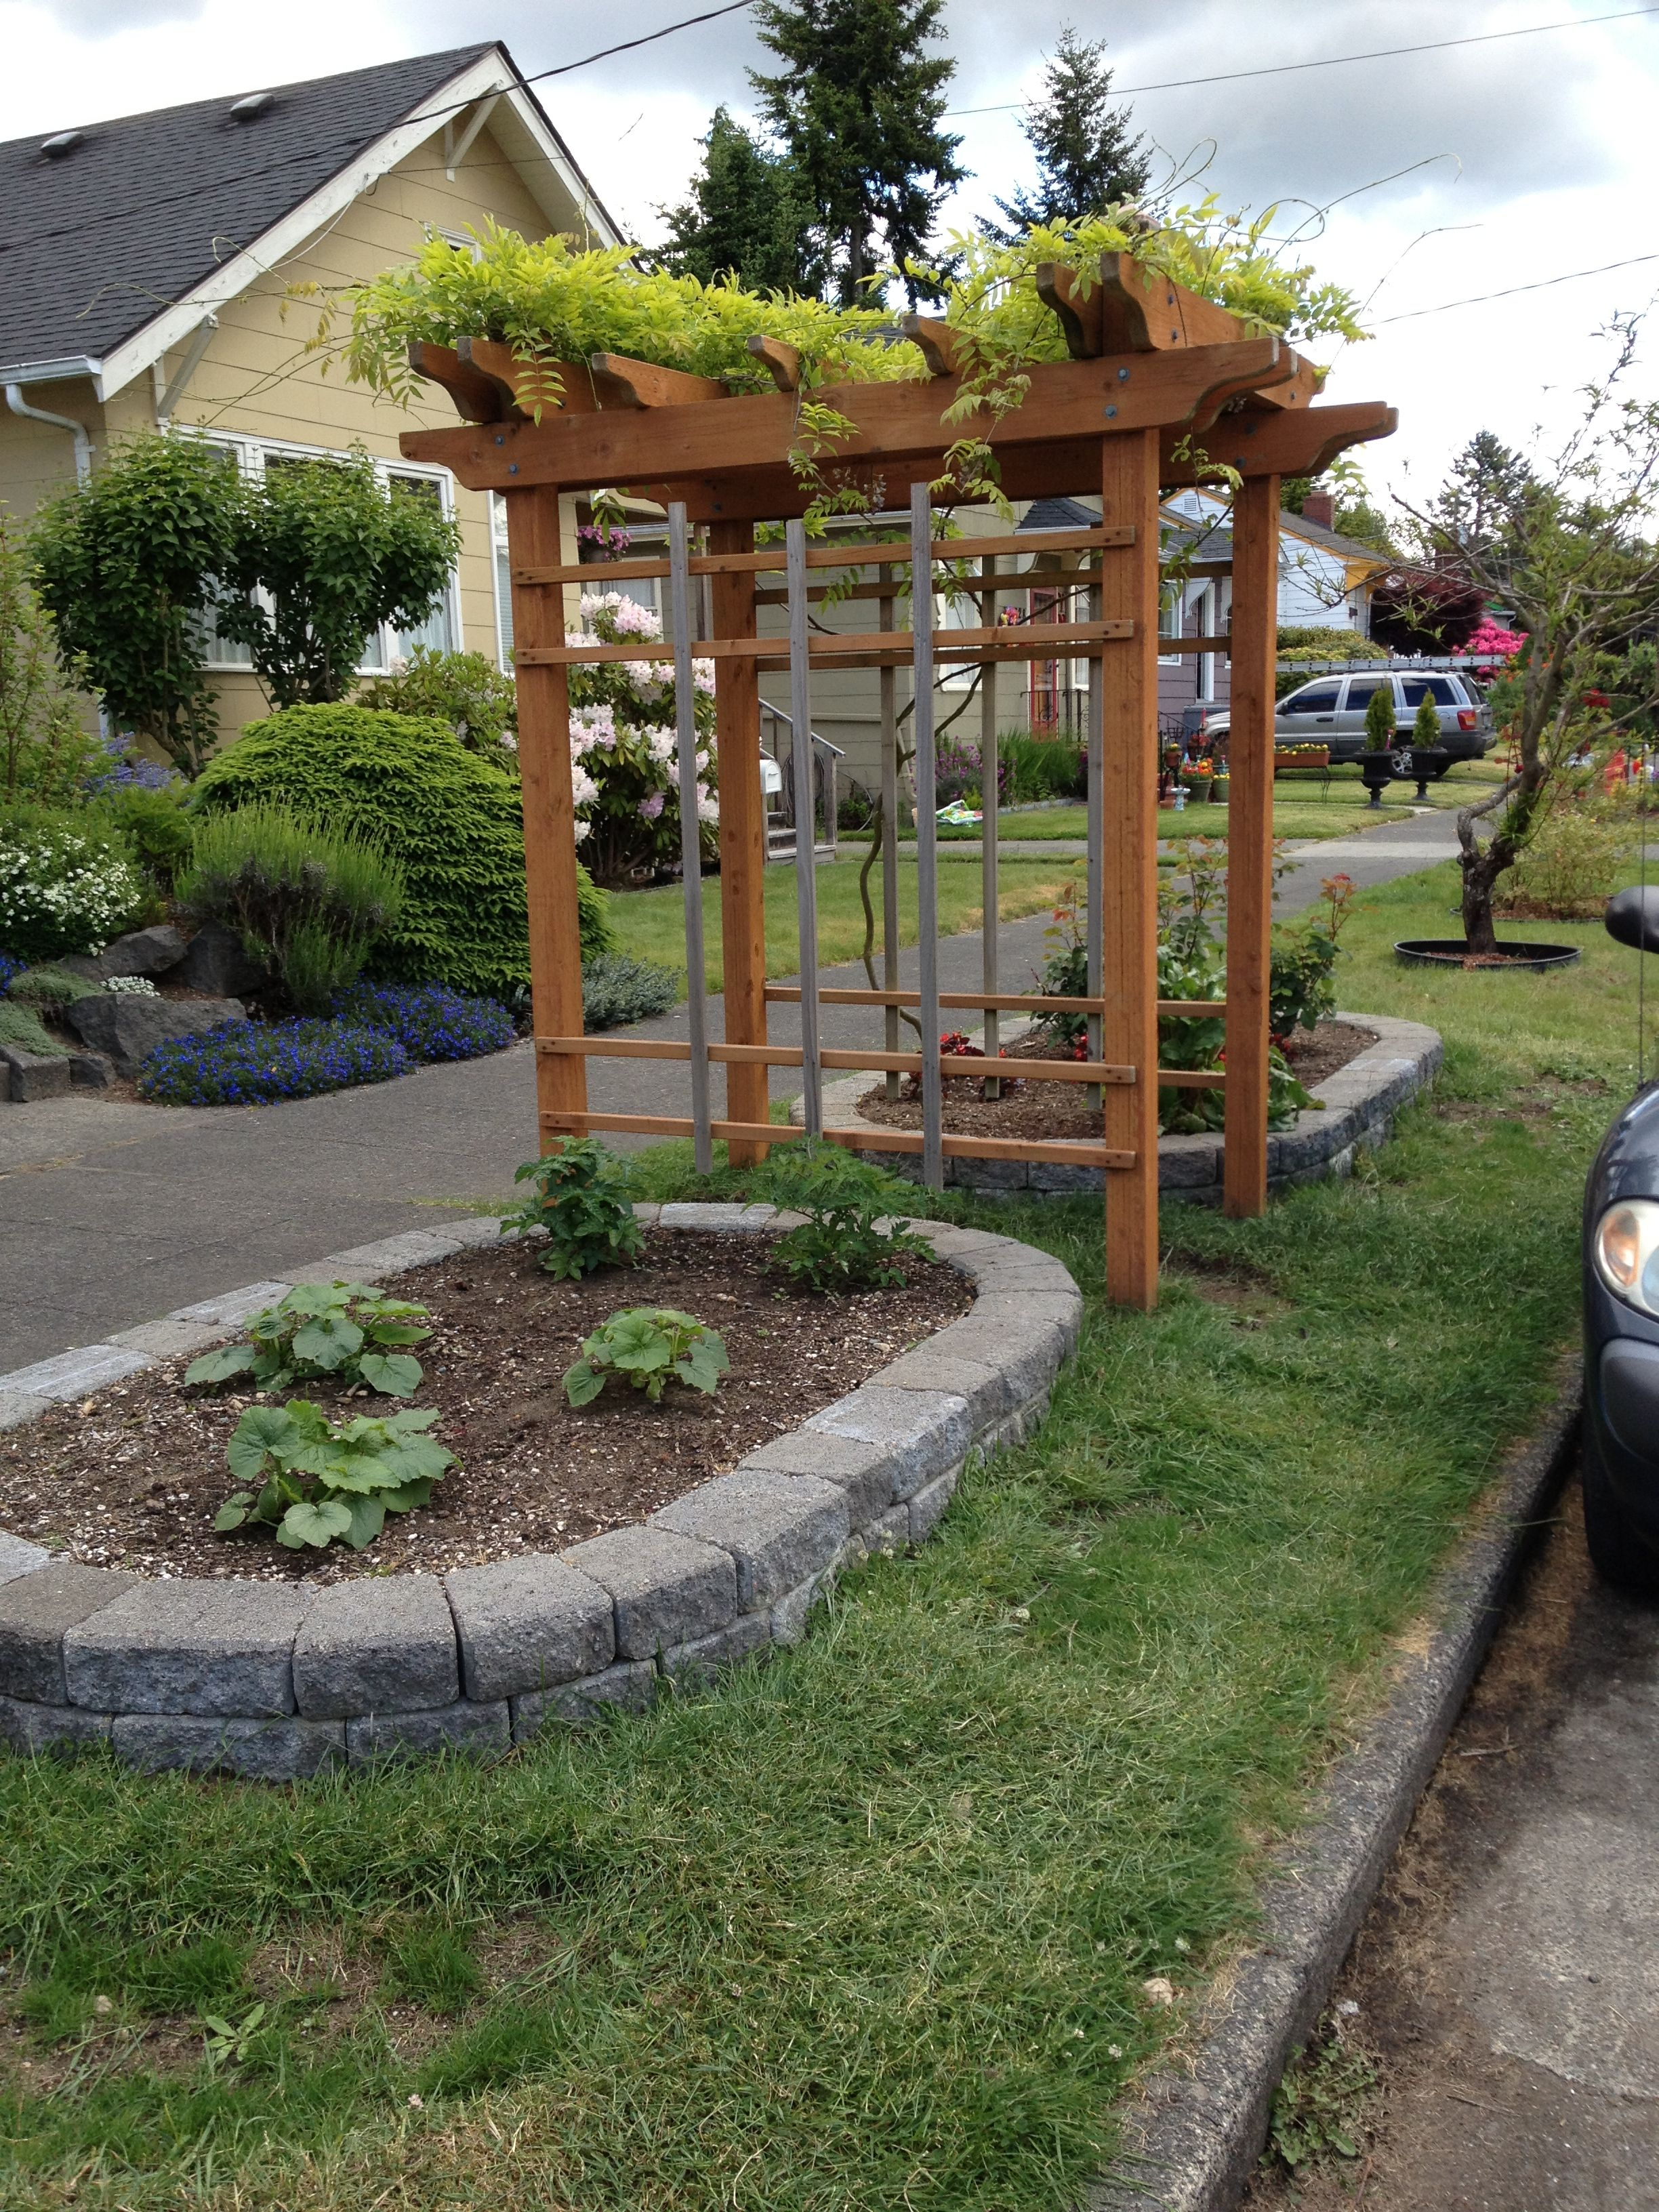 Elegant Parking Strip Arbor Combine This With An Arbor In The Yard To Create A Hop Vine Pathway Garden Design Garden Arch Garden Art